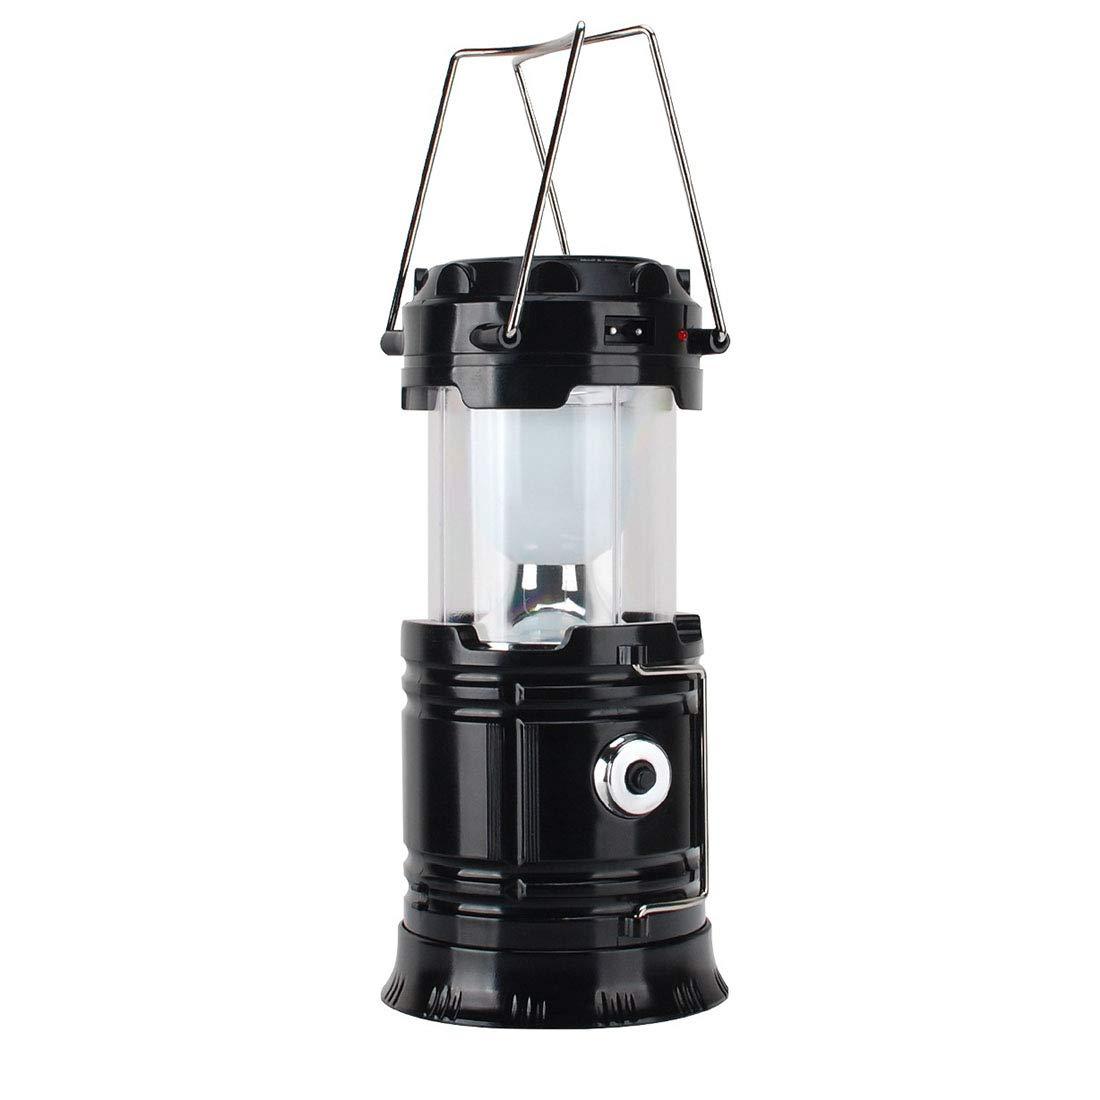 disponibile JESSIEKERVIN YY3 Luce di di di Campeggio Multifunzionale Luminosa Eccellente Luce di Campeggio Esterna Leggera Solare Portatile Luce di Emergenza Leggera della Tenda (Colore   nero)  risparmia fino al 70% di sconto